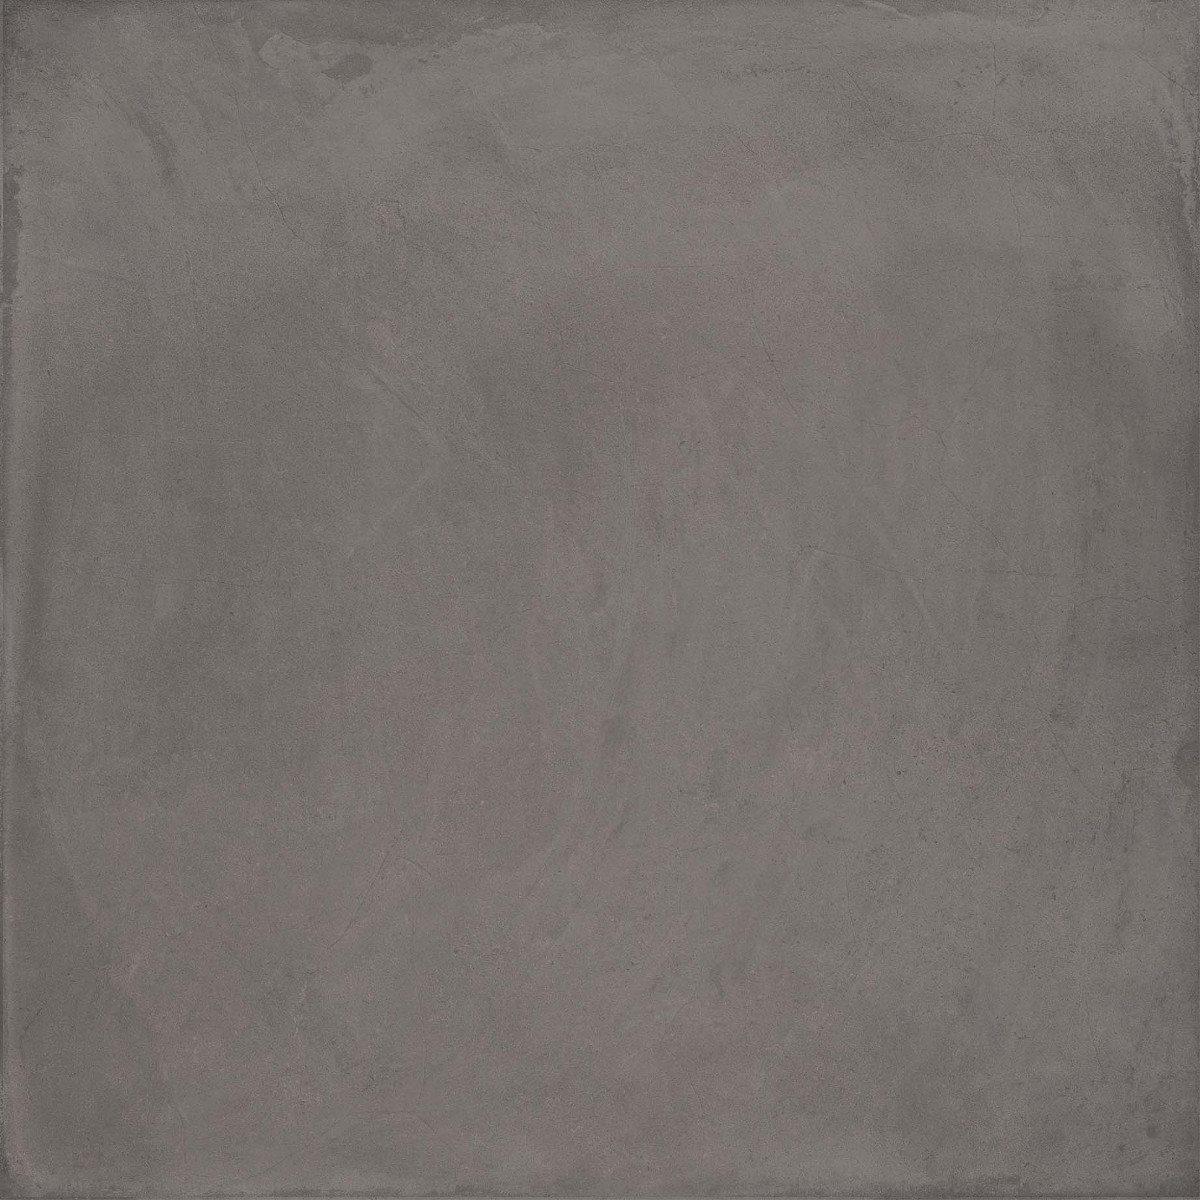 Carrelage gris anthracite mat 60x60cm LAVERTON GRAFITO - 1.08m² - zoom